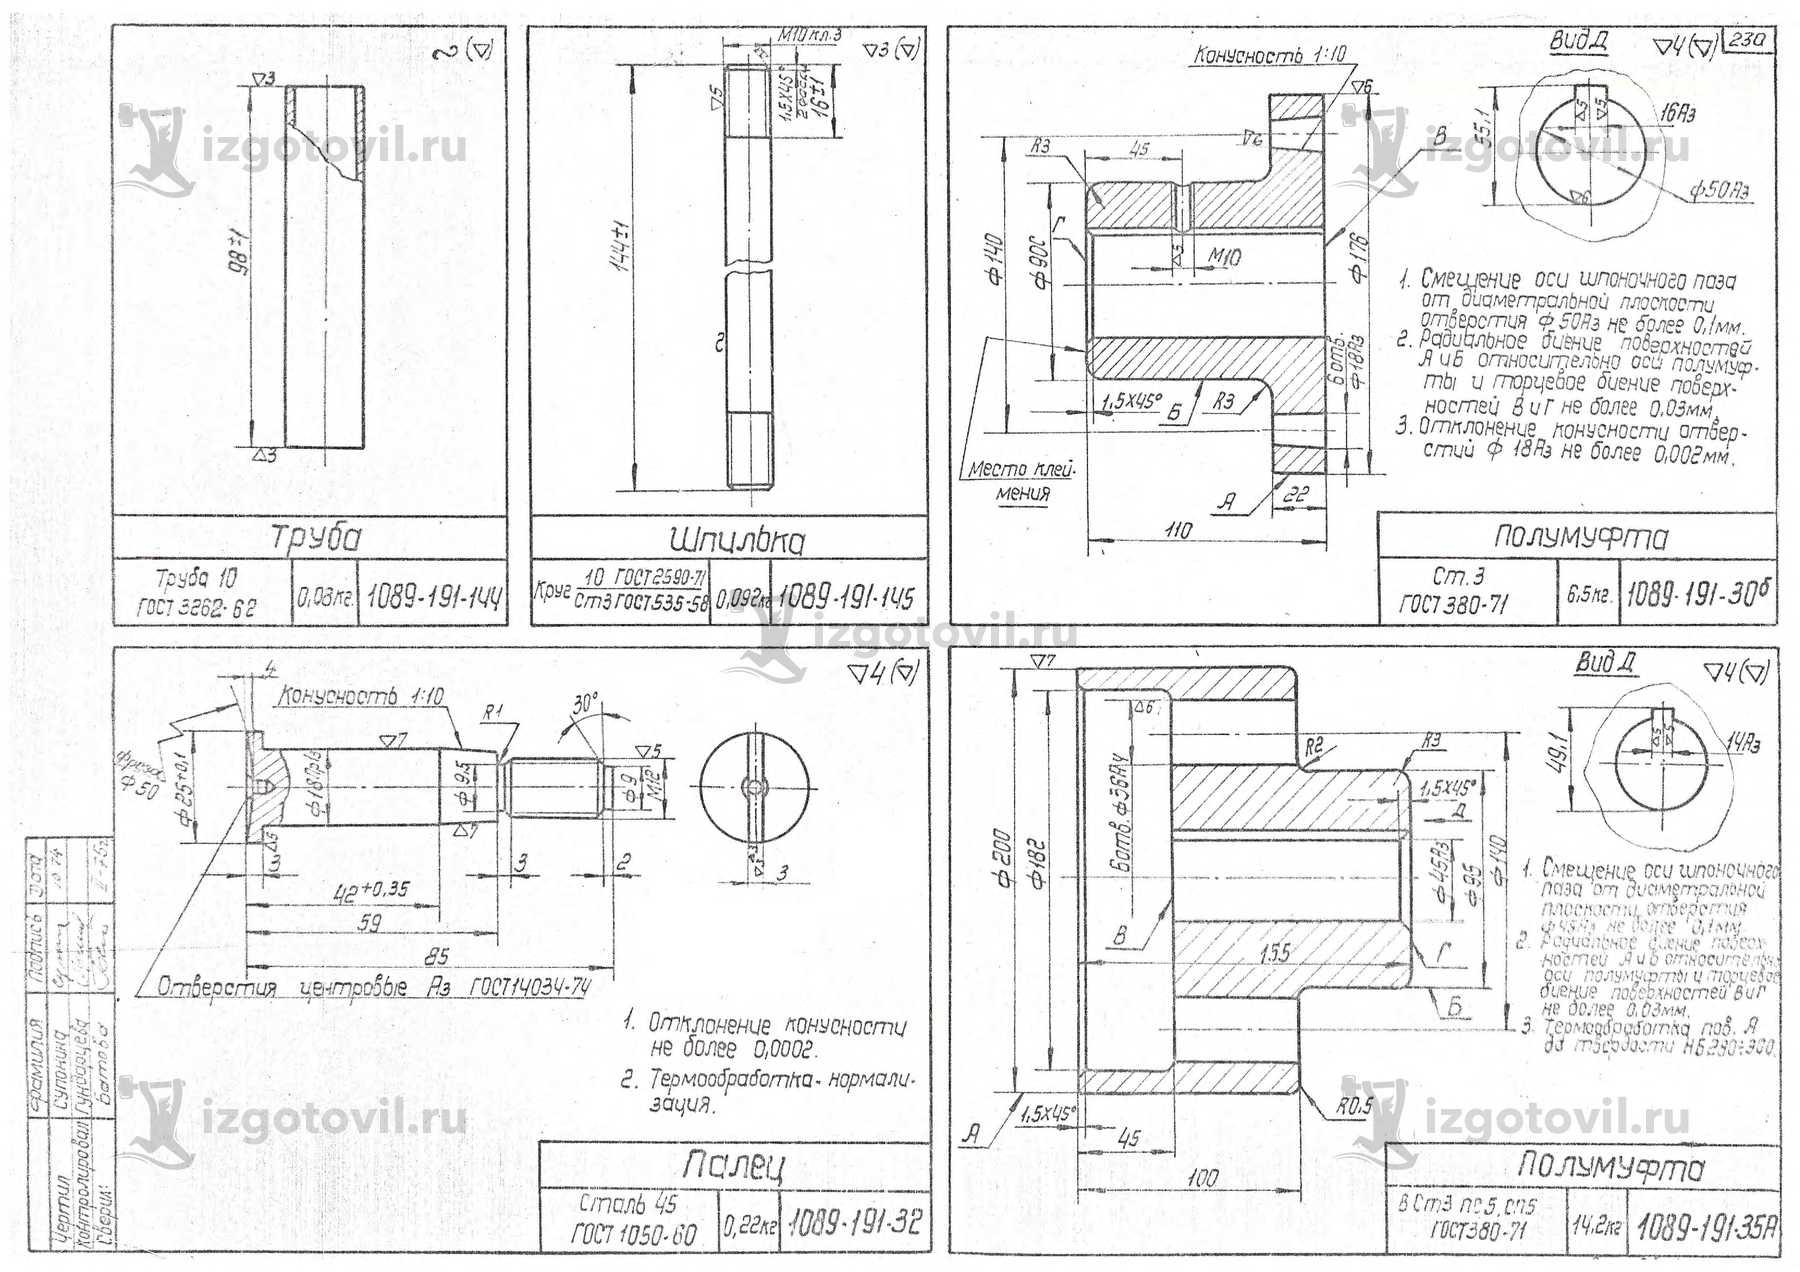 Изготовление деталей машин (детали  для Дрезины ДГКу)